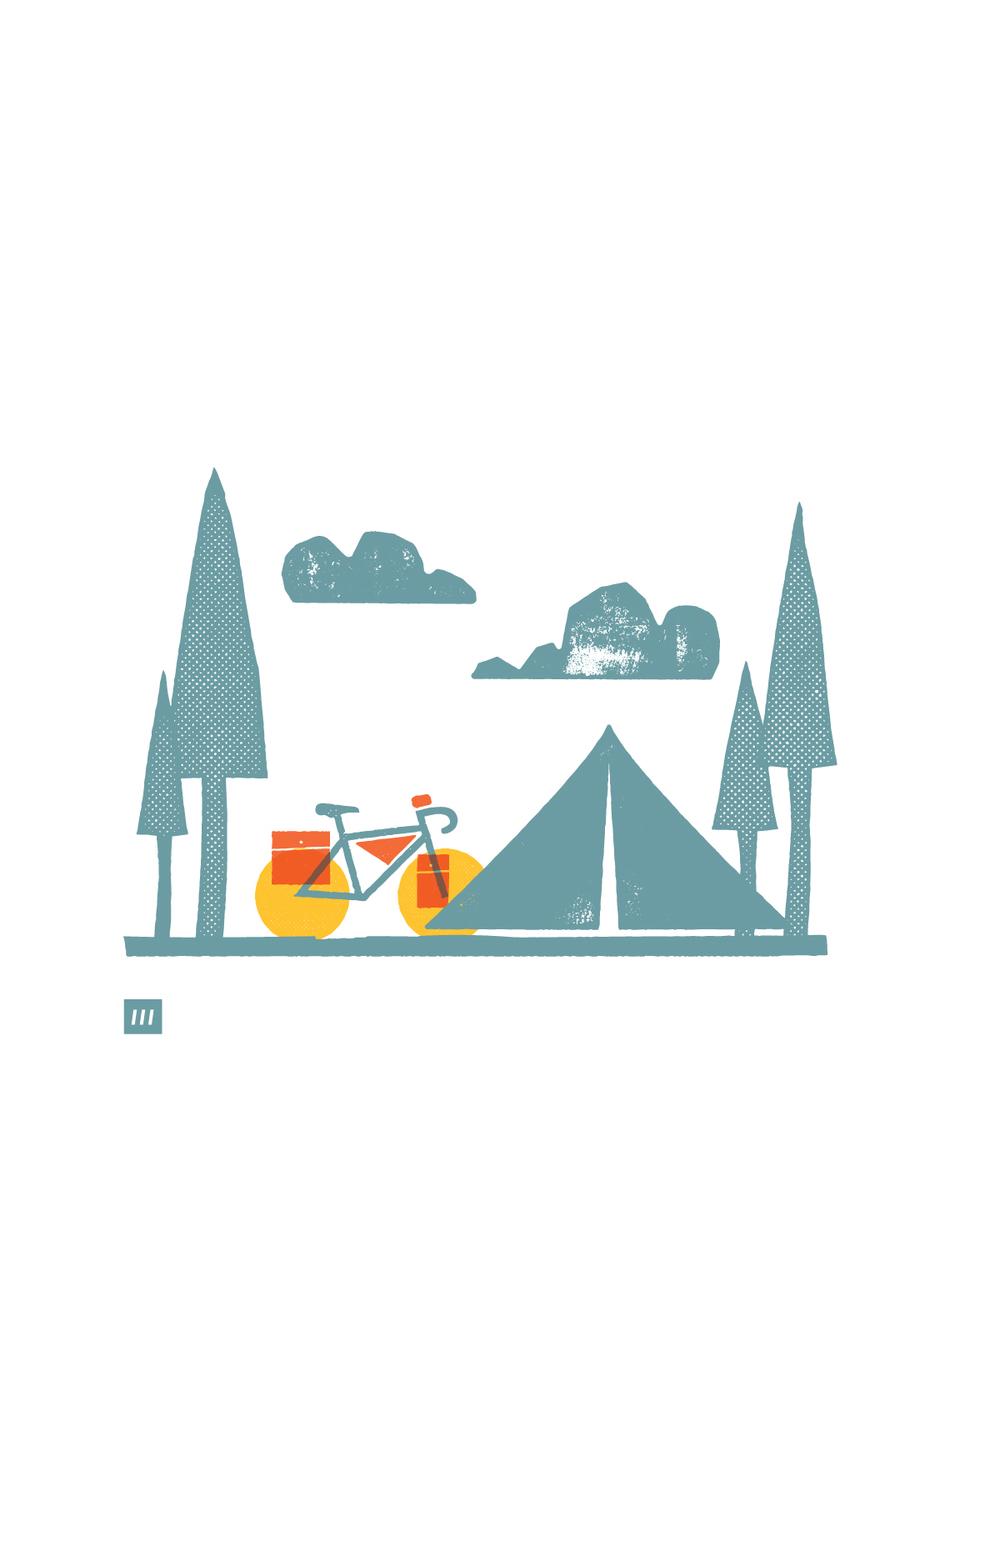 rangemag_bikepacking_III.jpg